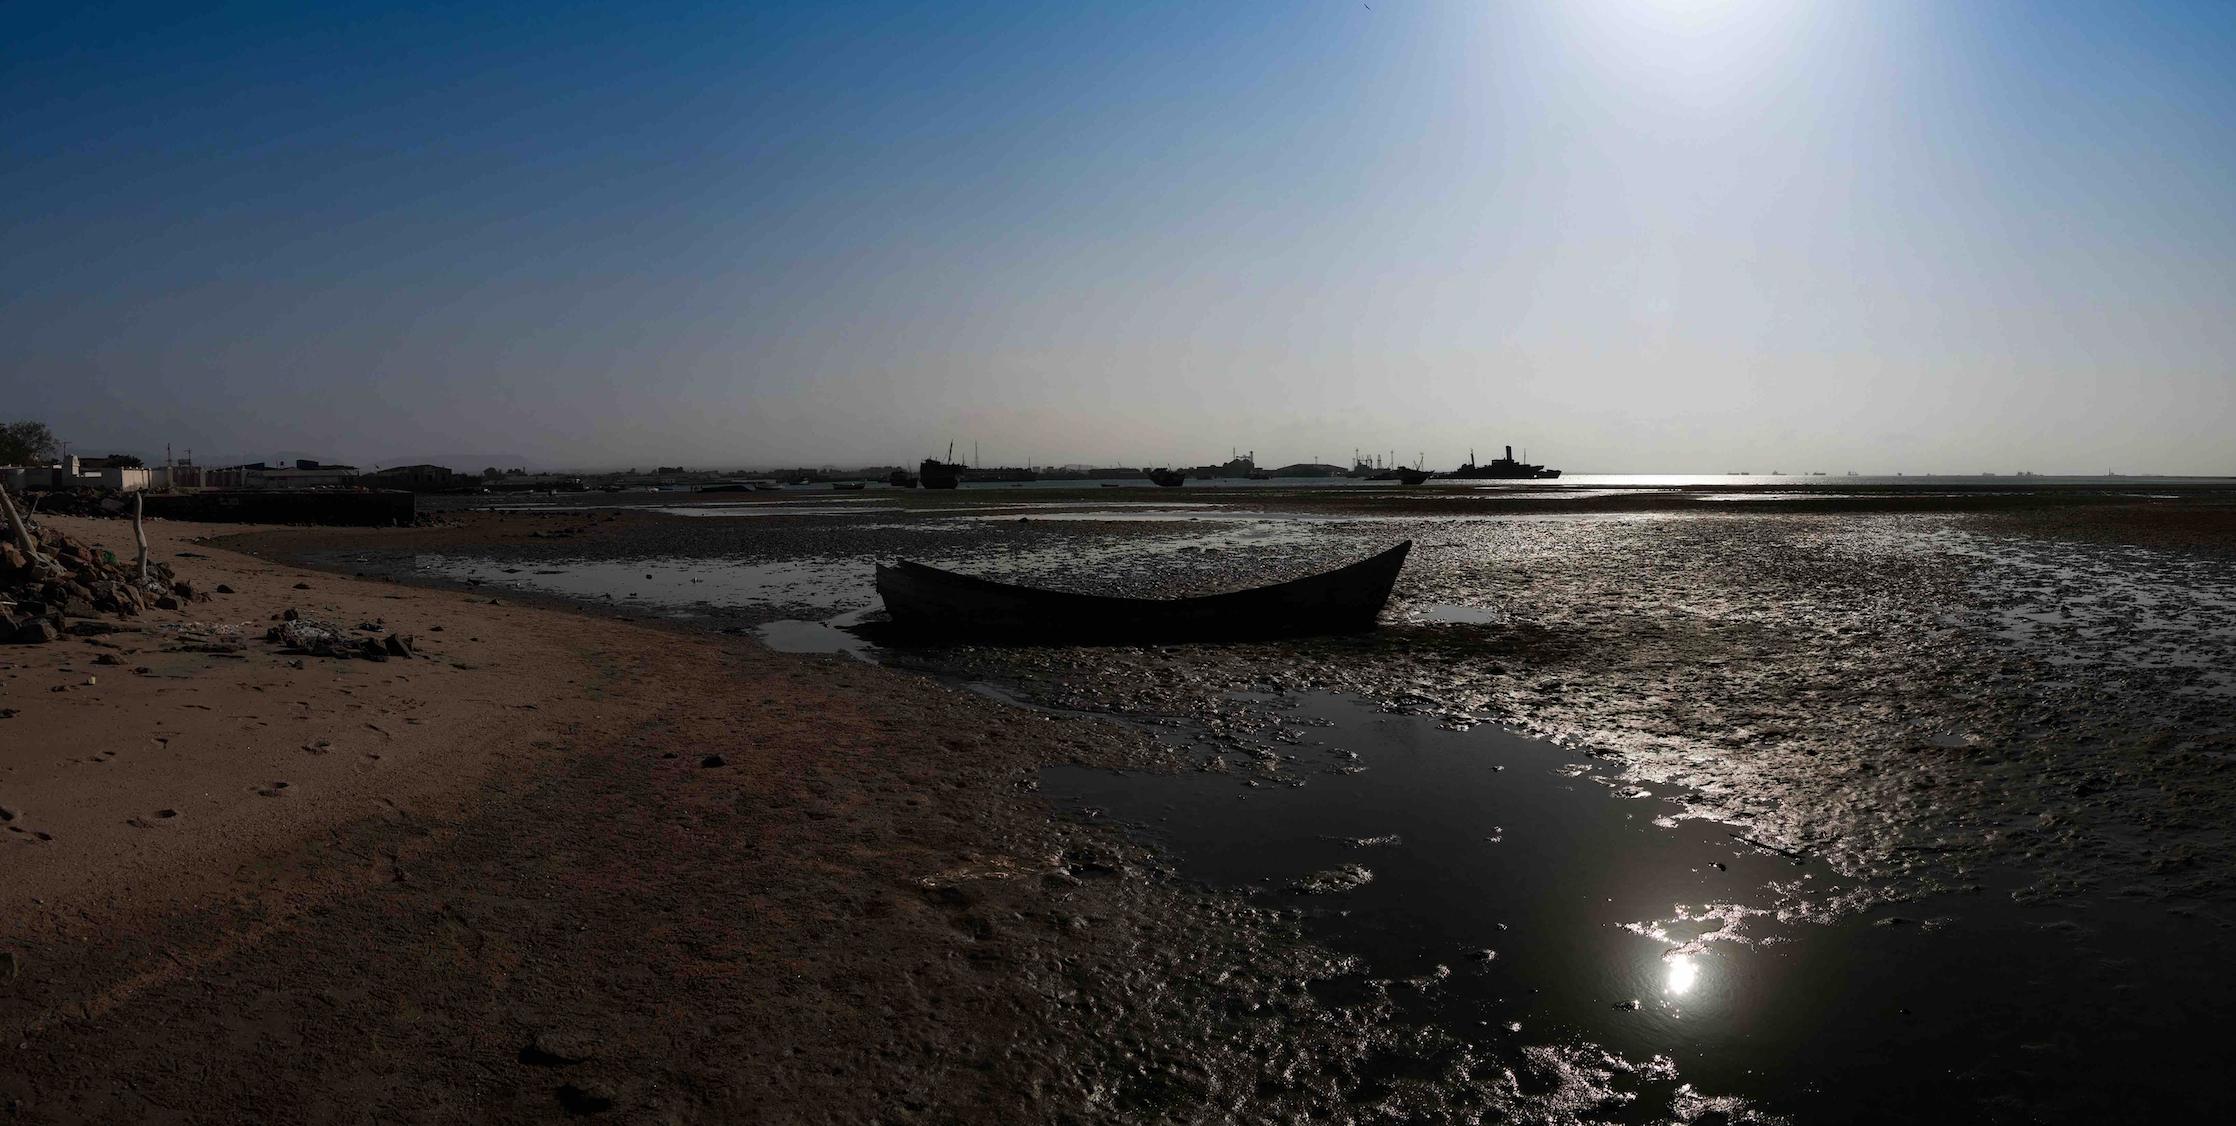 Scramble in Somalia: Will the oil 'bonanza' be a boon or curse?